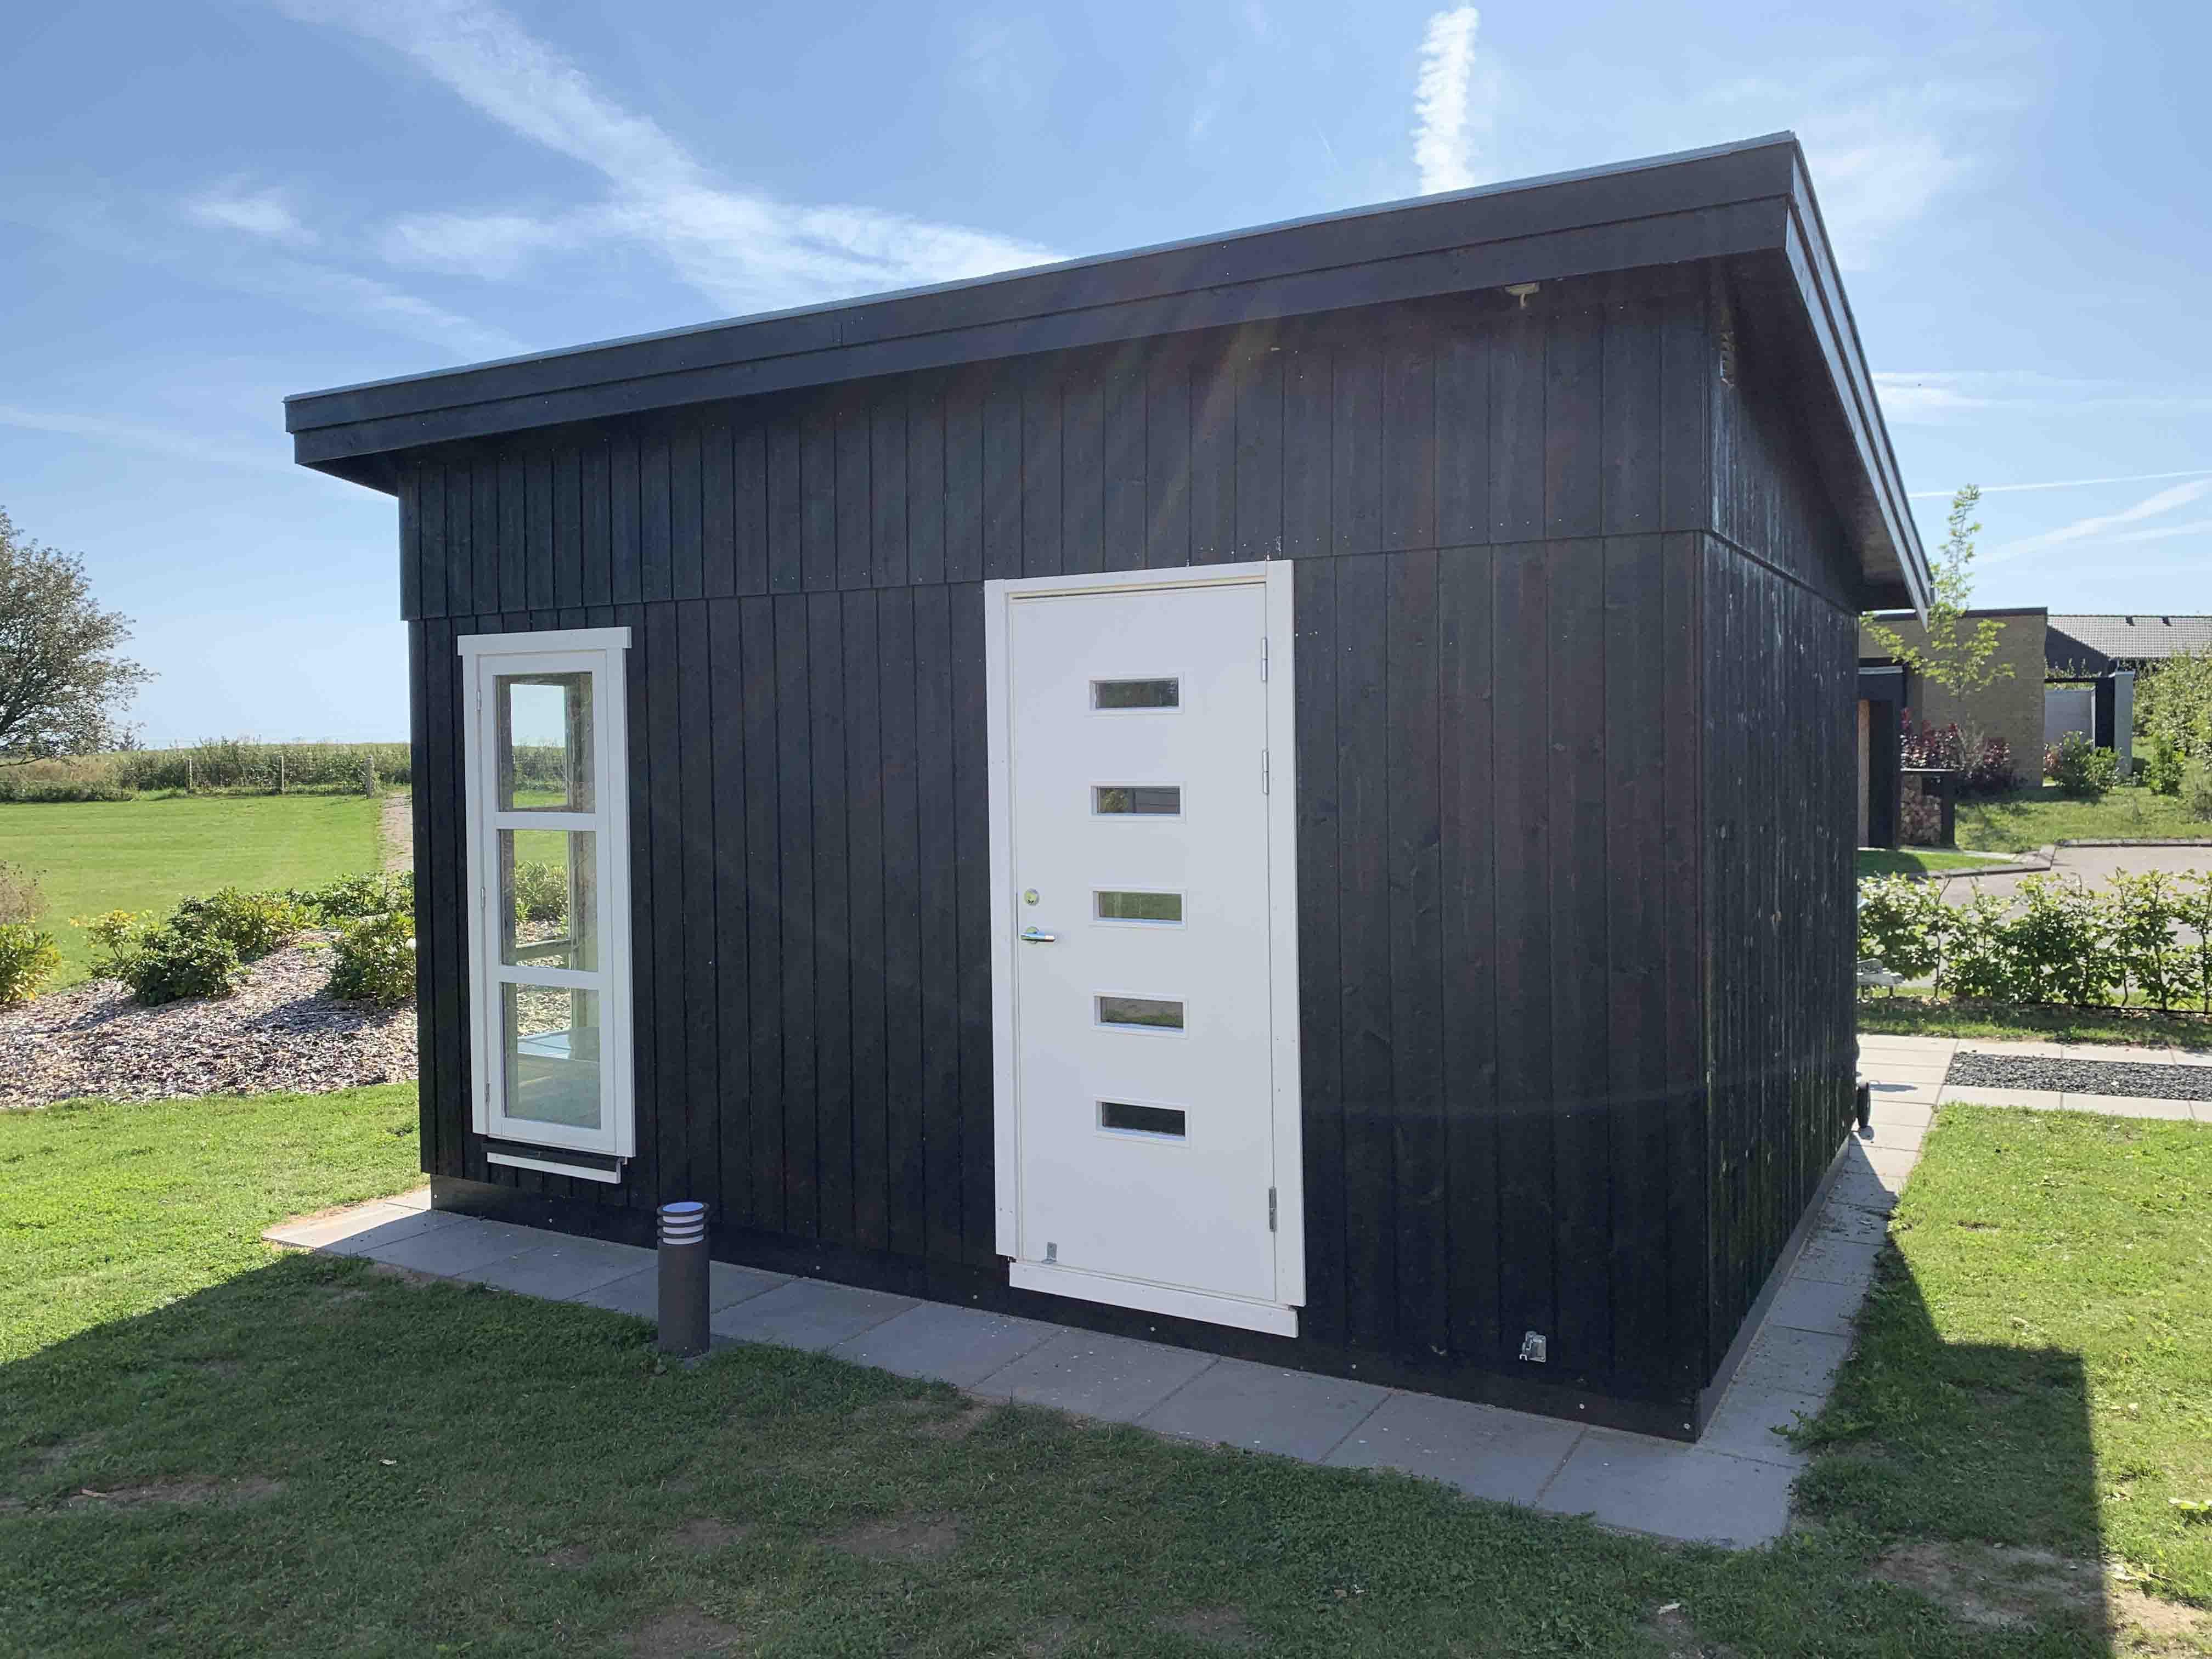 Byg selv havehuse fra Sølund.dk det er nemt at samle og lige til at bygge. Dette havehus er i hele elementer og fås som komplet samlesæt